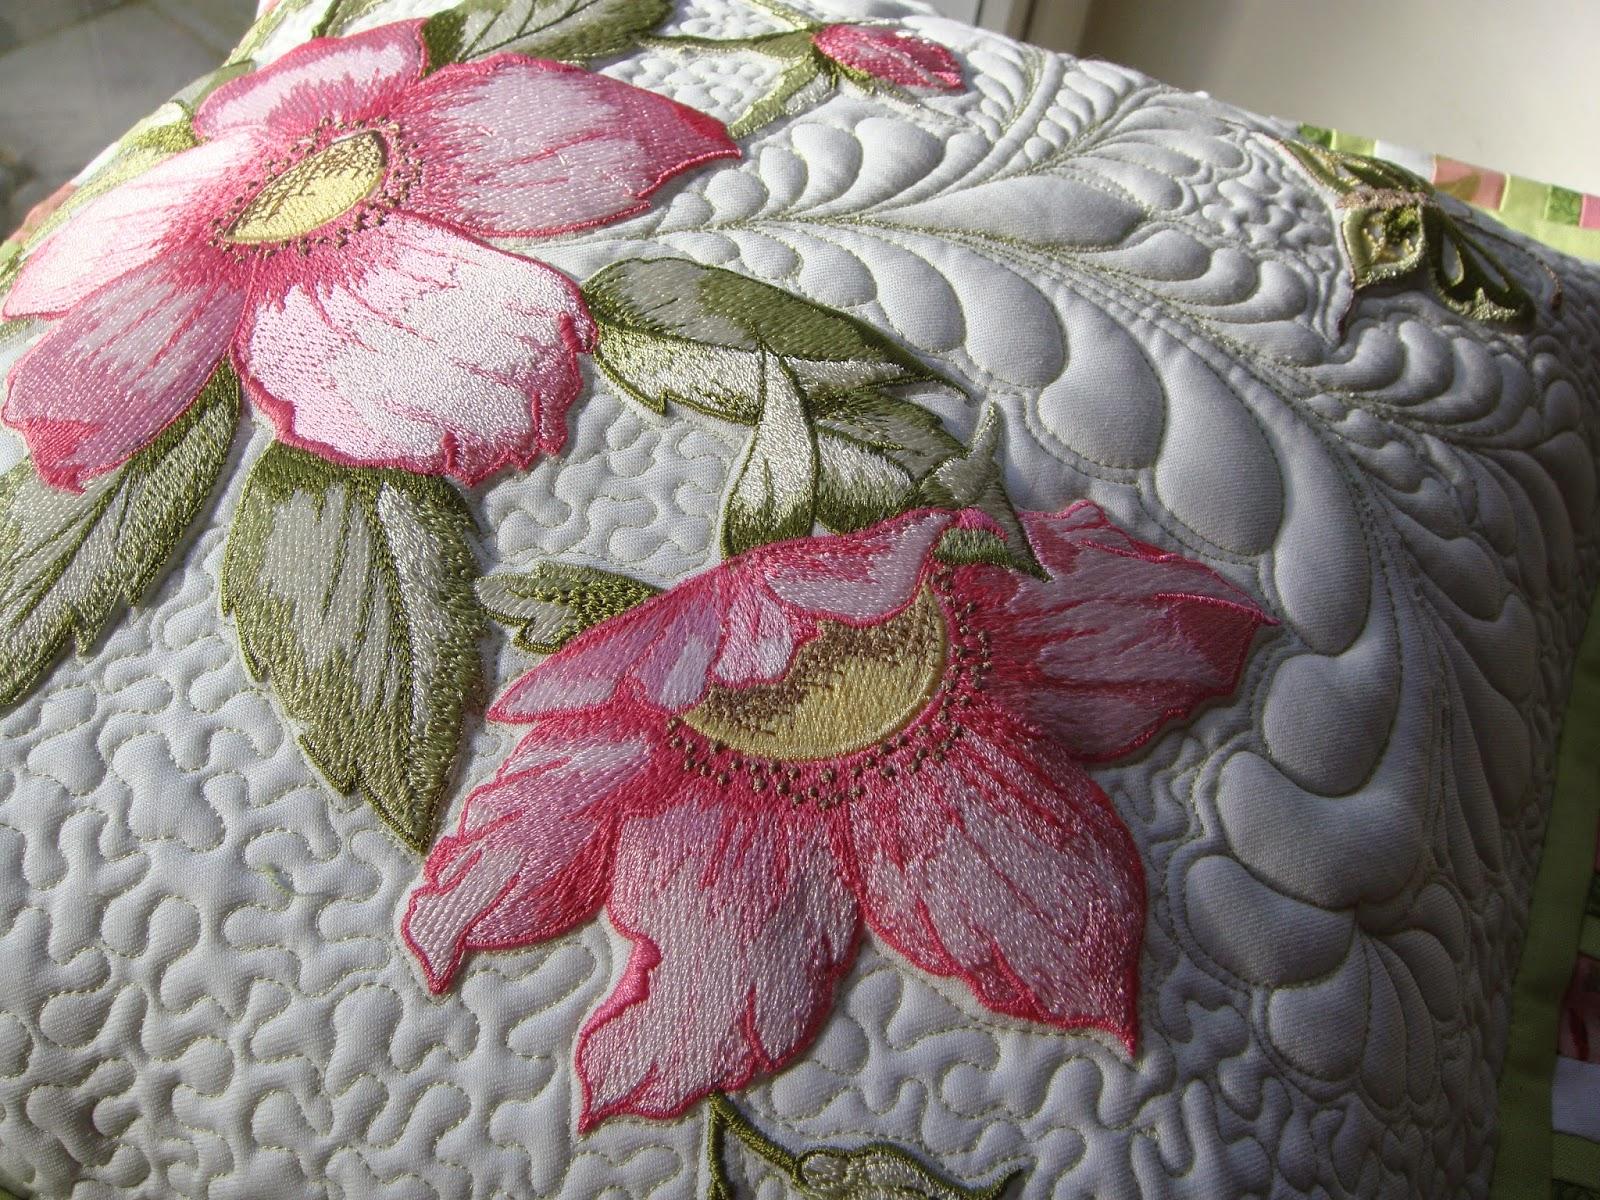 квилтинг, пэчворк, лоскутное шитье,бесплатный мастер-класс,quilting, patchwork embroedery pillows,